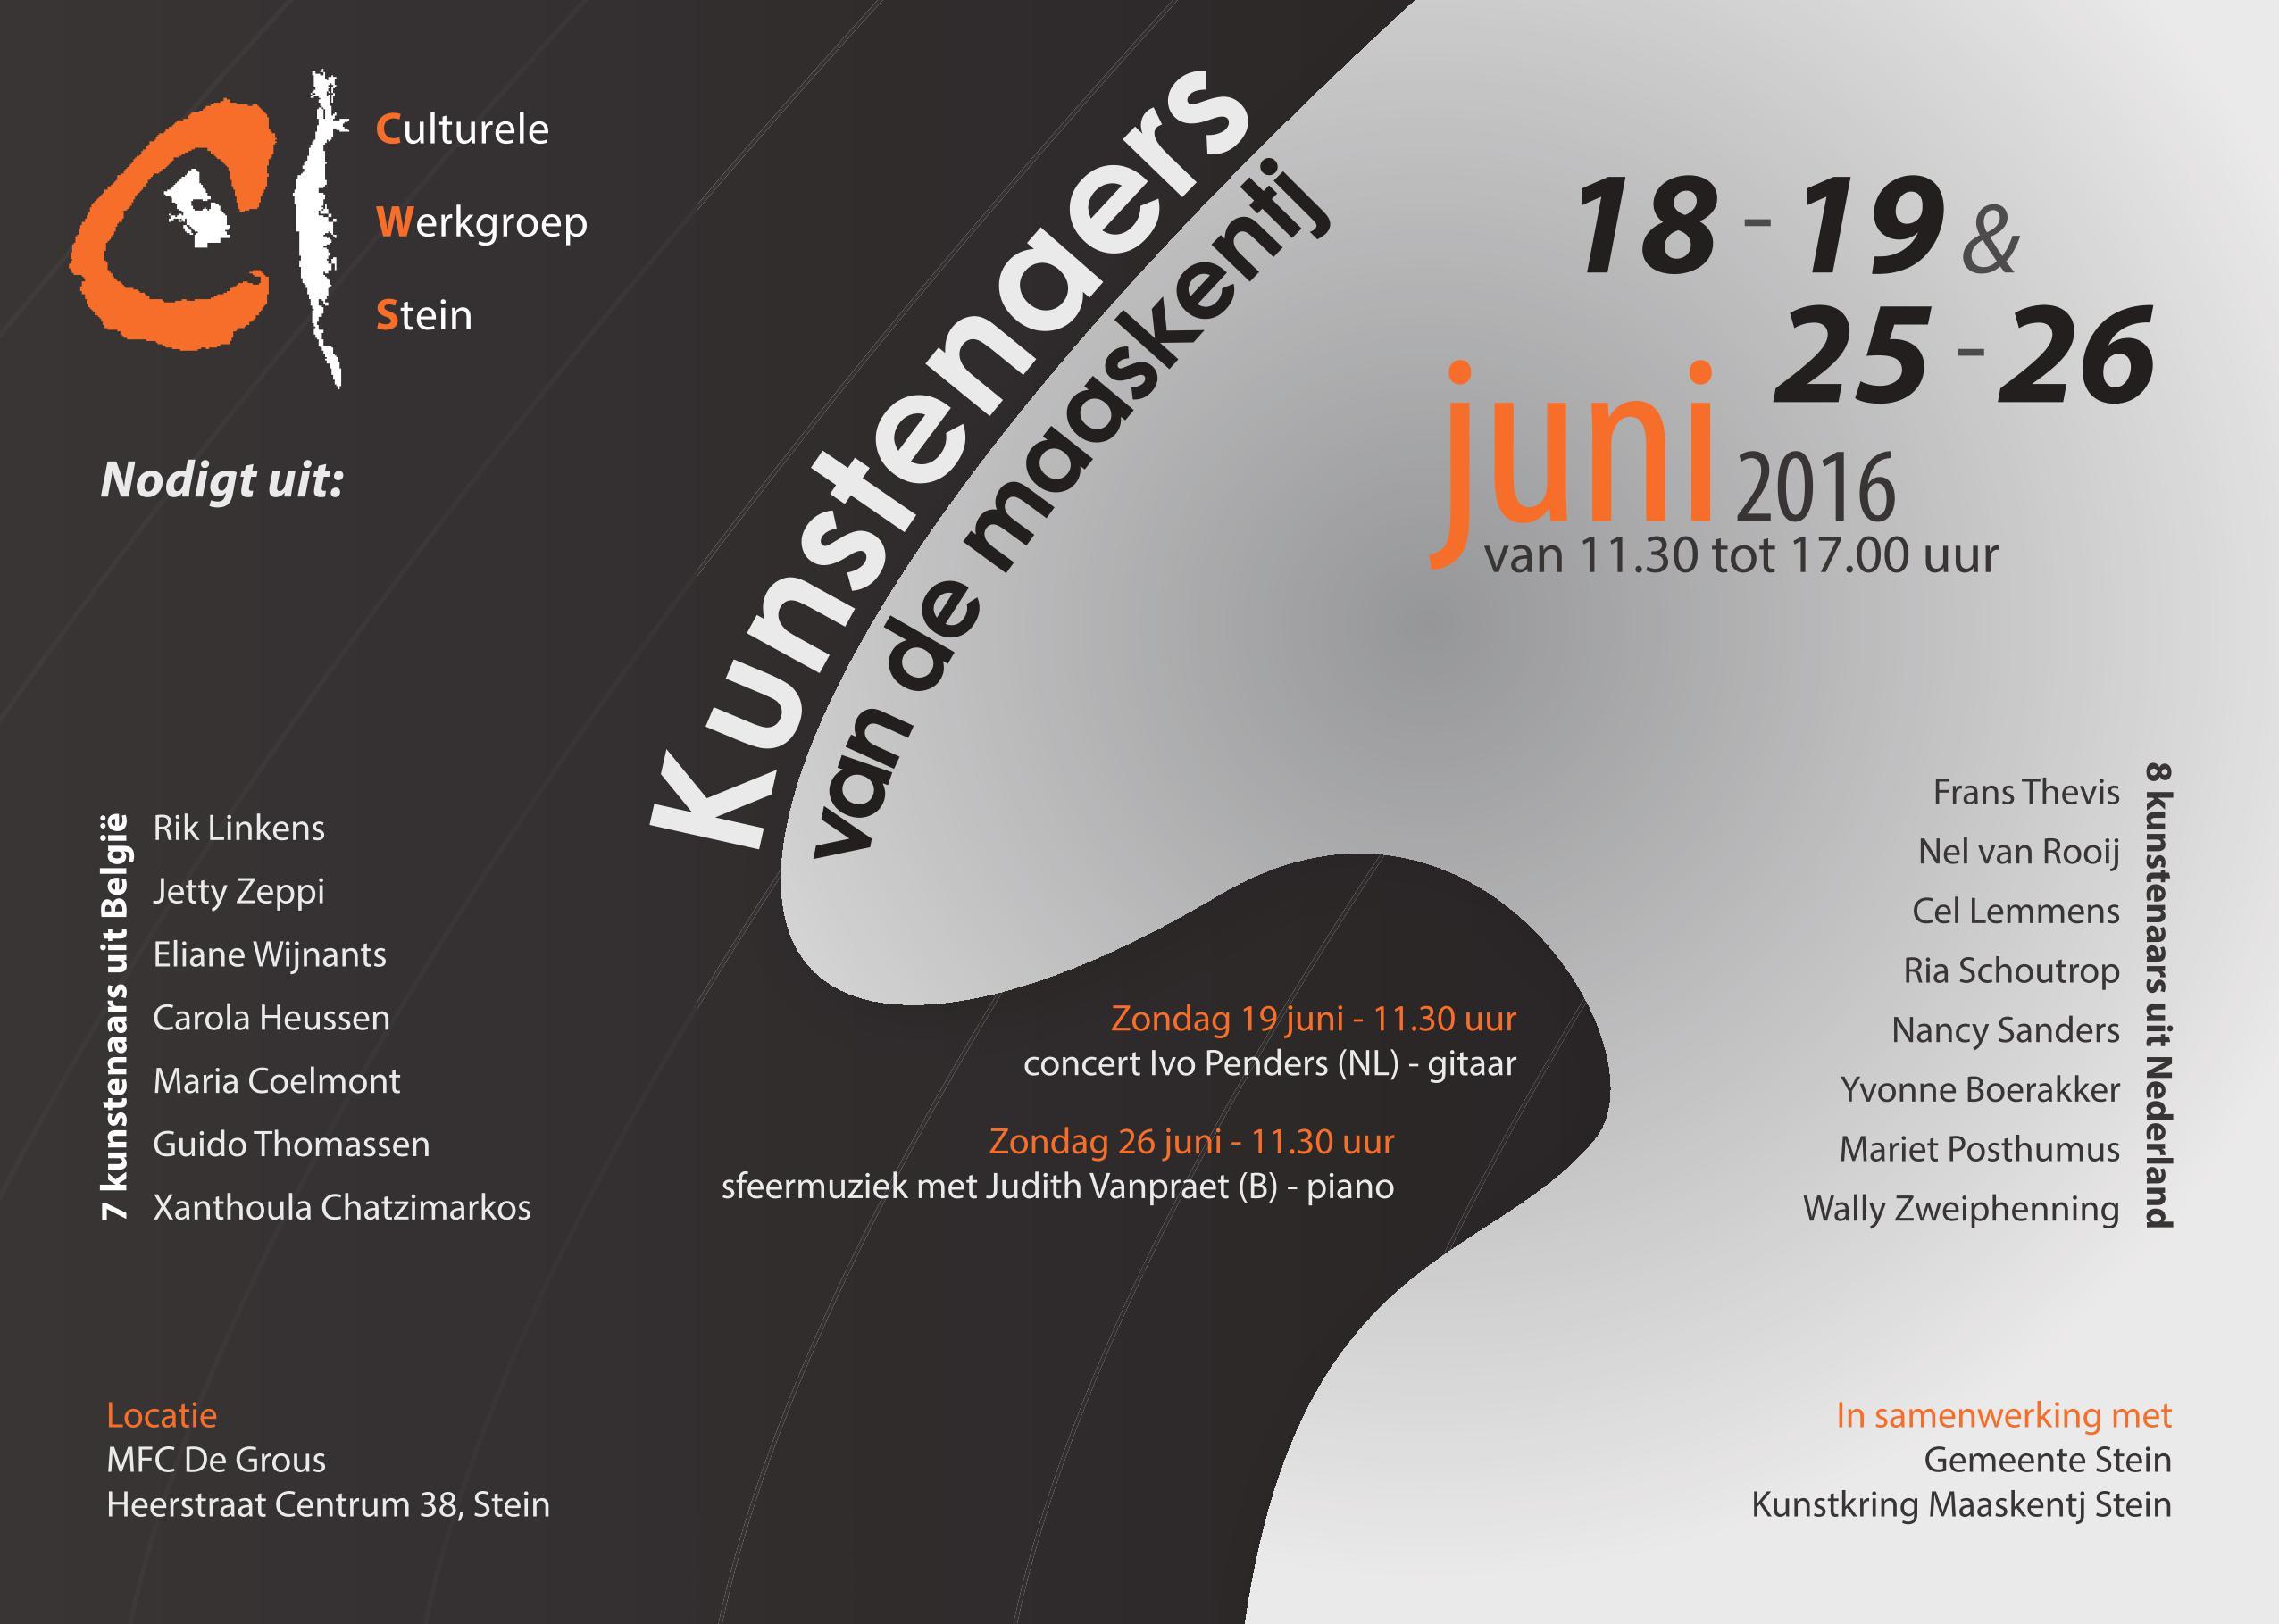 2016 gastexposant bij Kunstenaars van de Maaskentj